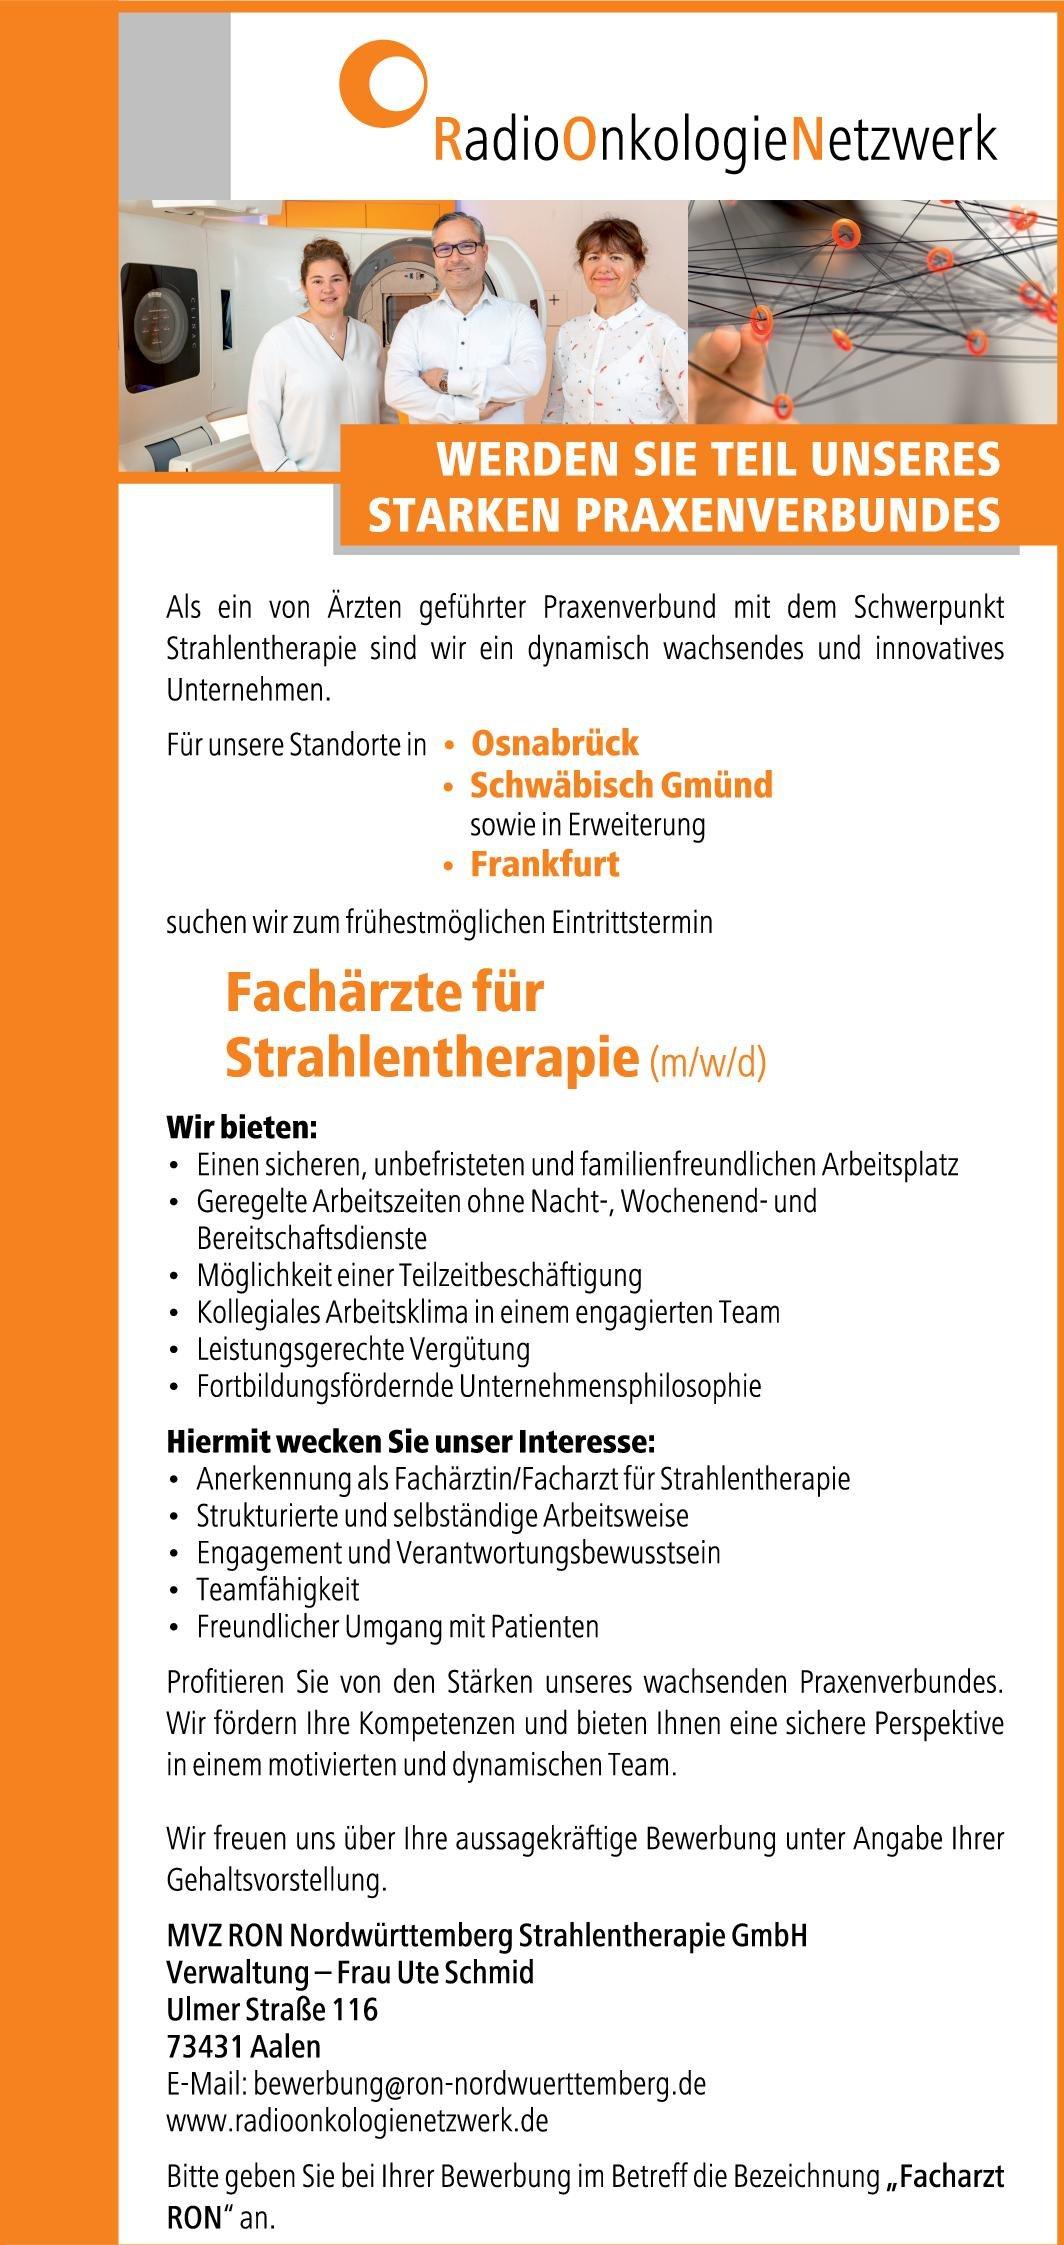 MVZ RON Nürdwürttemberg Strahlentherapie GmbH Fachärztinnen/Fachärzte für Strahlentherapie (m/w/d) Strahlentherapie Arzt / Facharzt